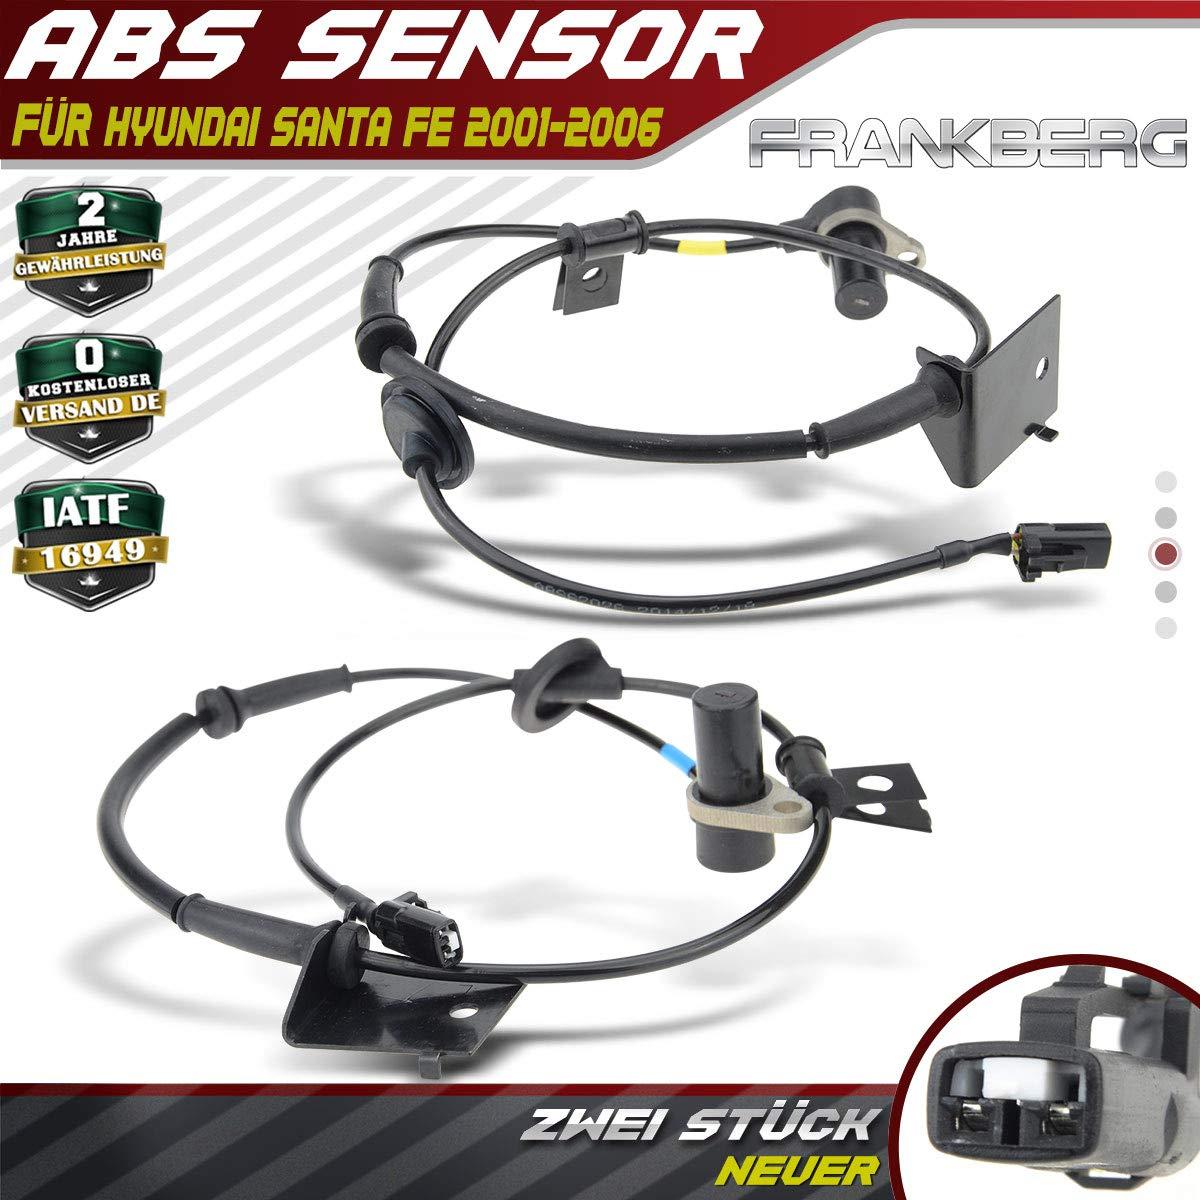 2x ABS Sensor für Hyundai Santa Fe SM 2001 2002 2006 SUV Vorne Links und Rechts